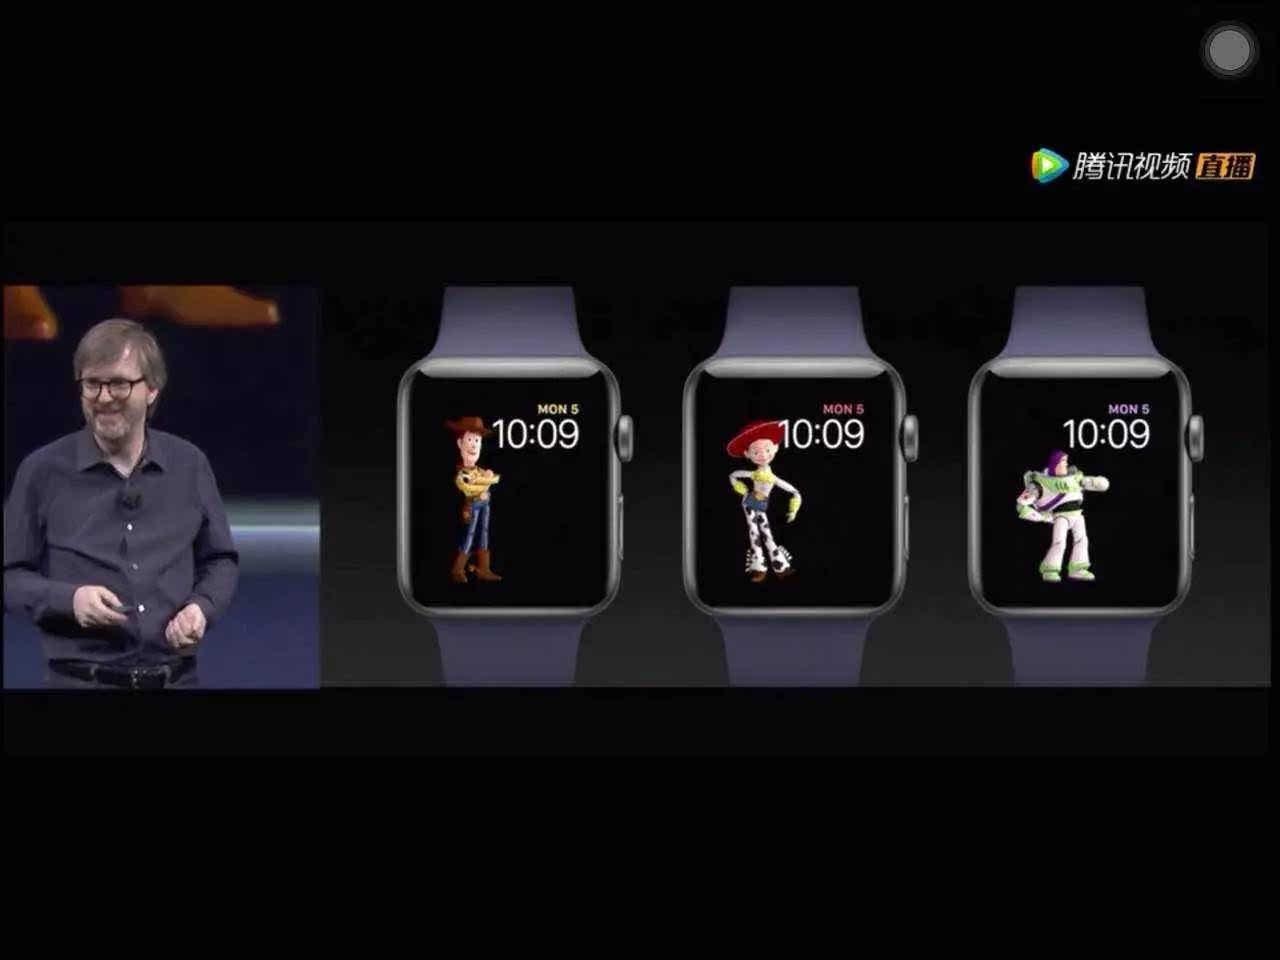 苹果还酷吗 熬夜看完今天凌晨的开发者大会又要失望了